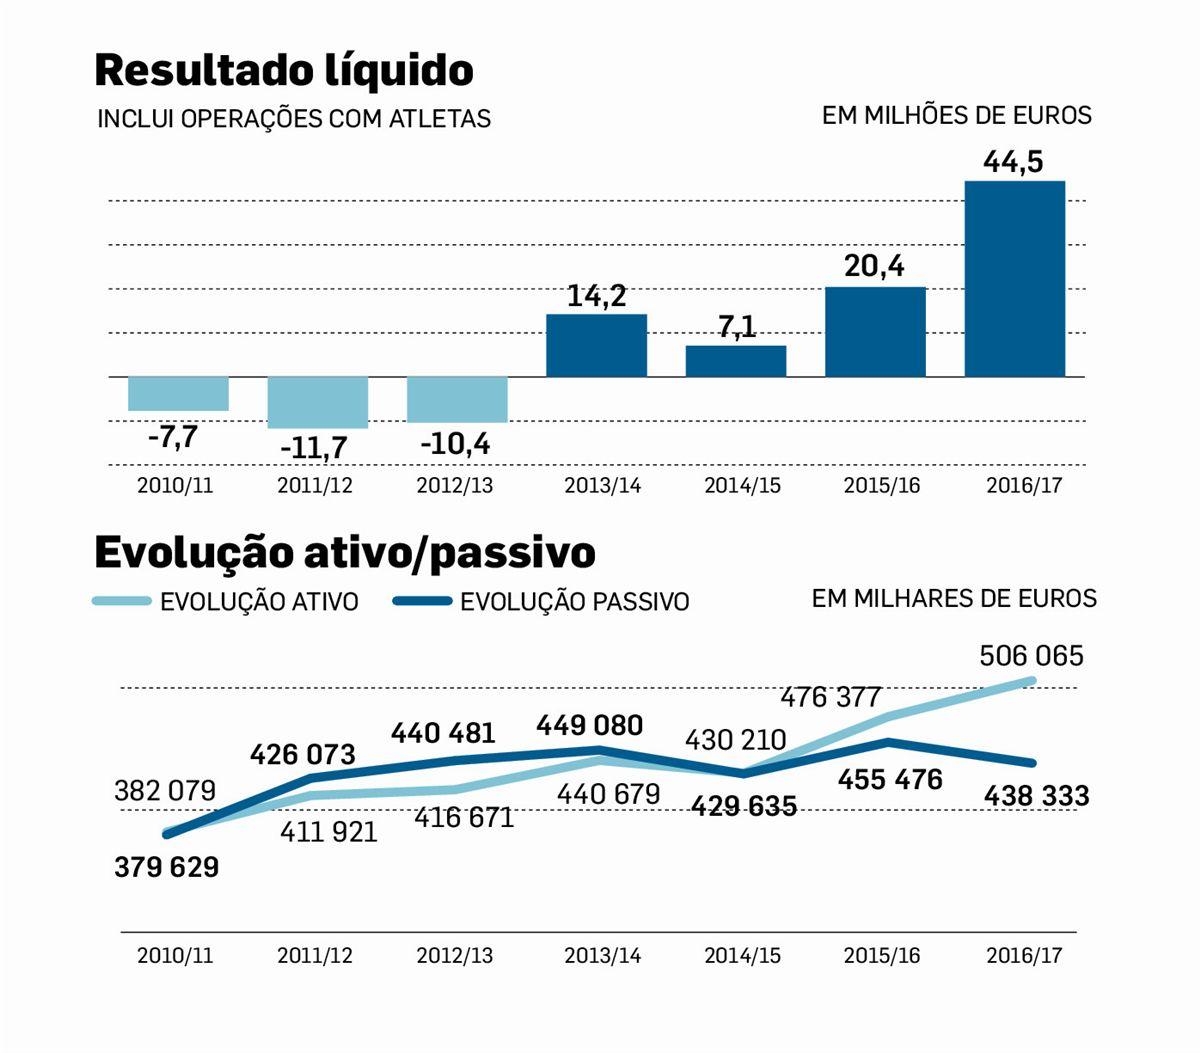 SAD do Benfica anuncia resultado líquido de 44,5 milhões de euros